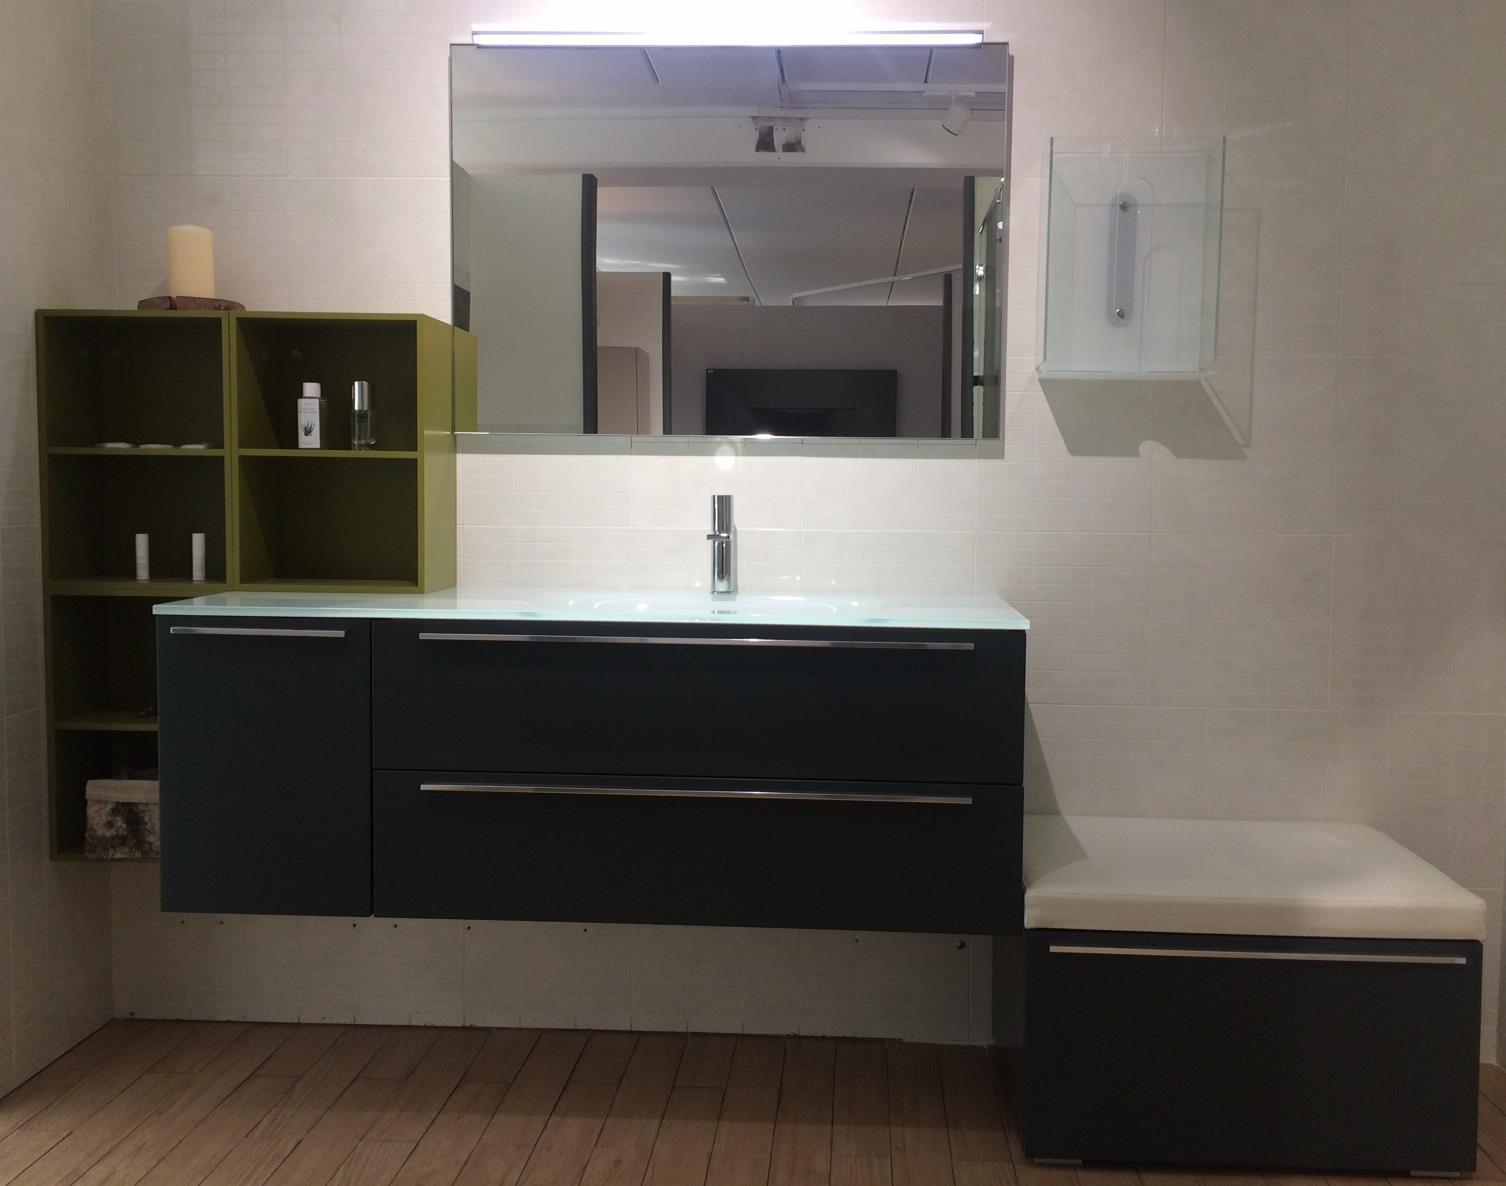 Vasche Da Bagno Prezzi Outlet : Magie d interni outlet vasca da bagno modulnova